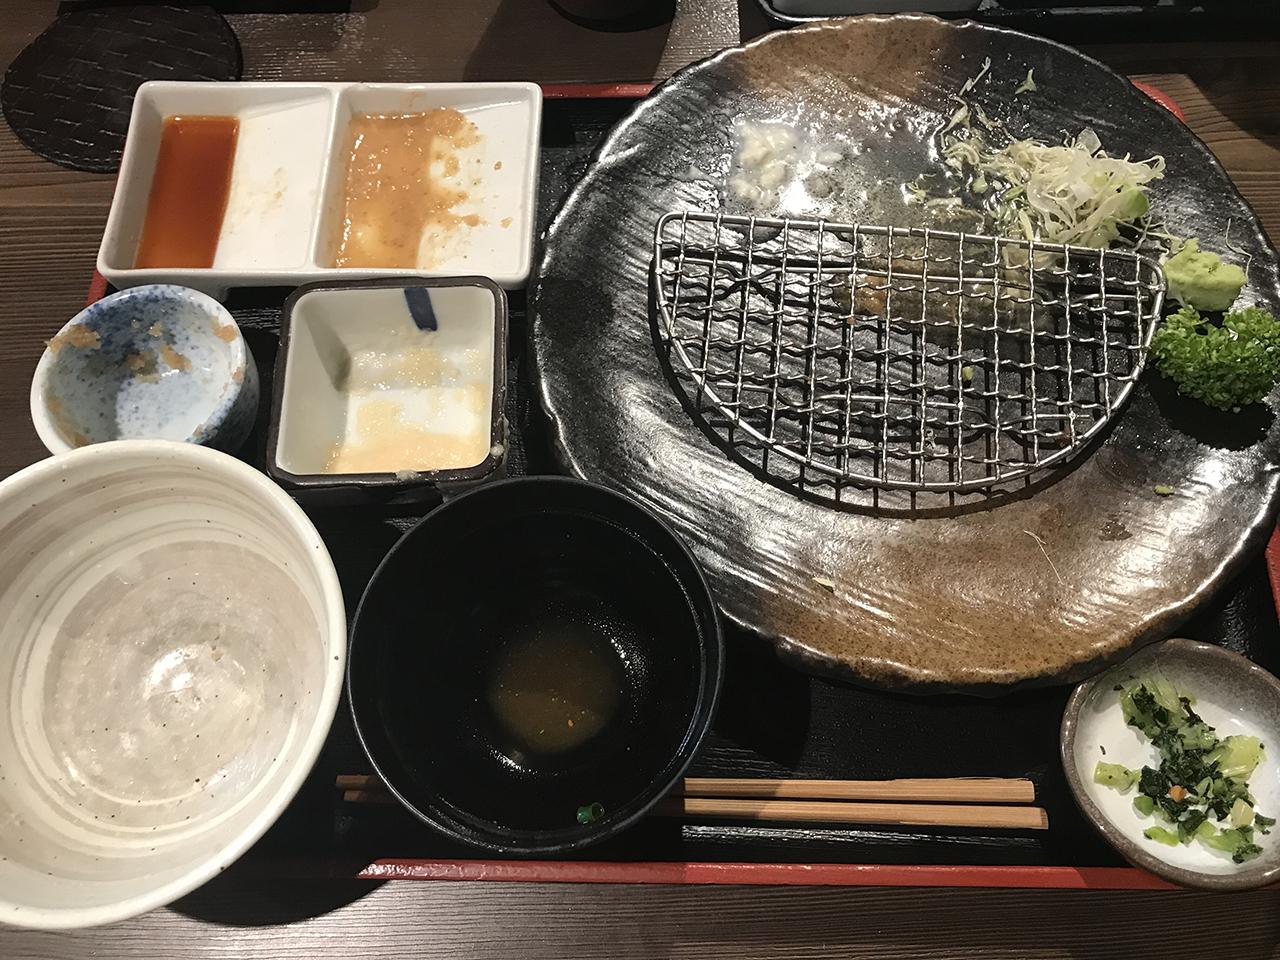 食べ終わった後のお皿の写真